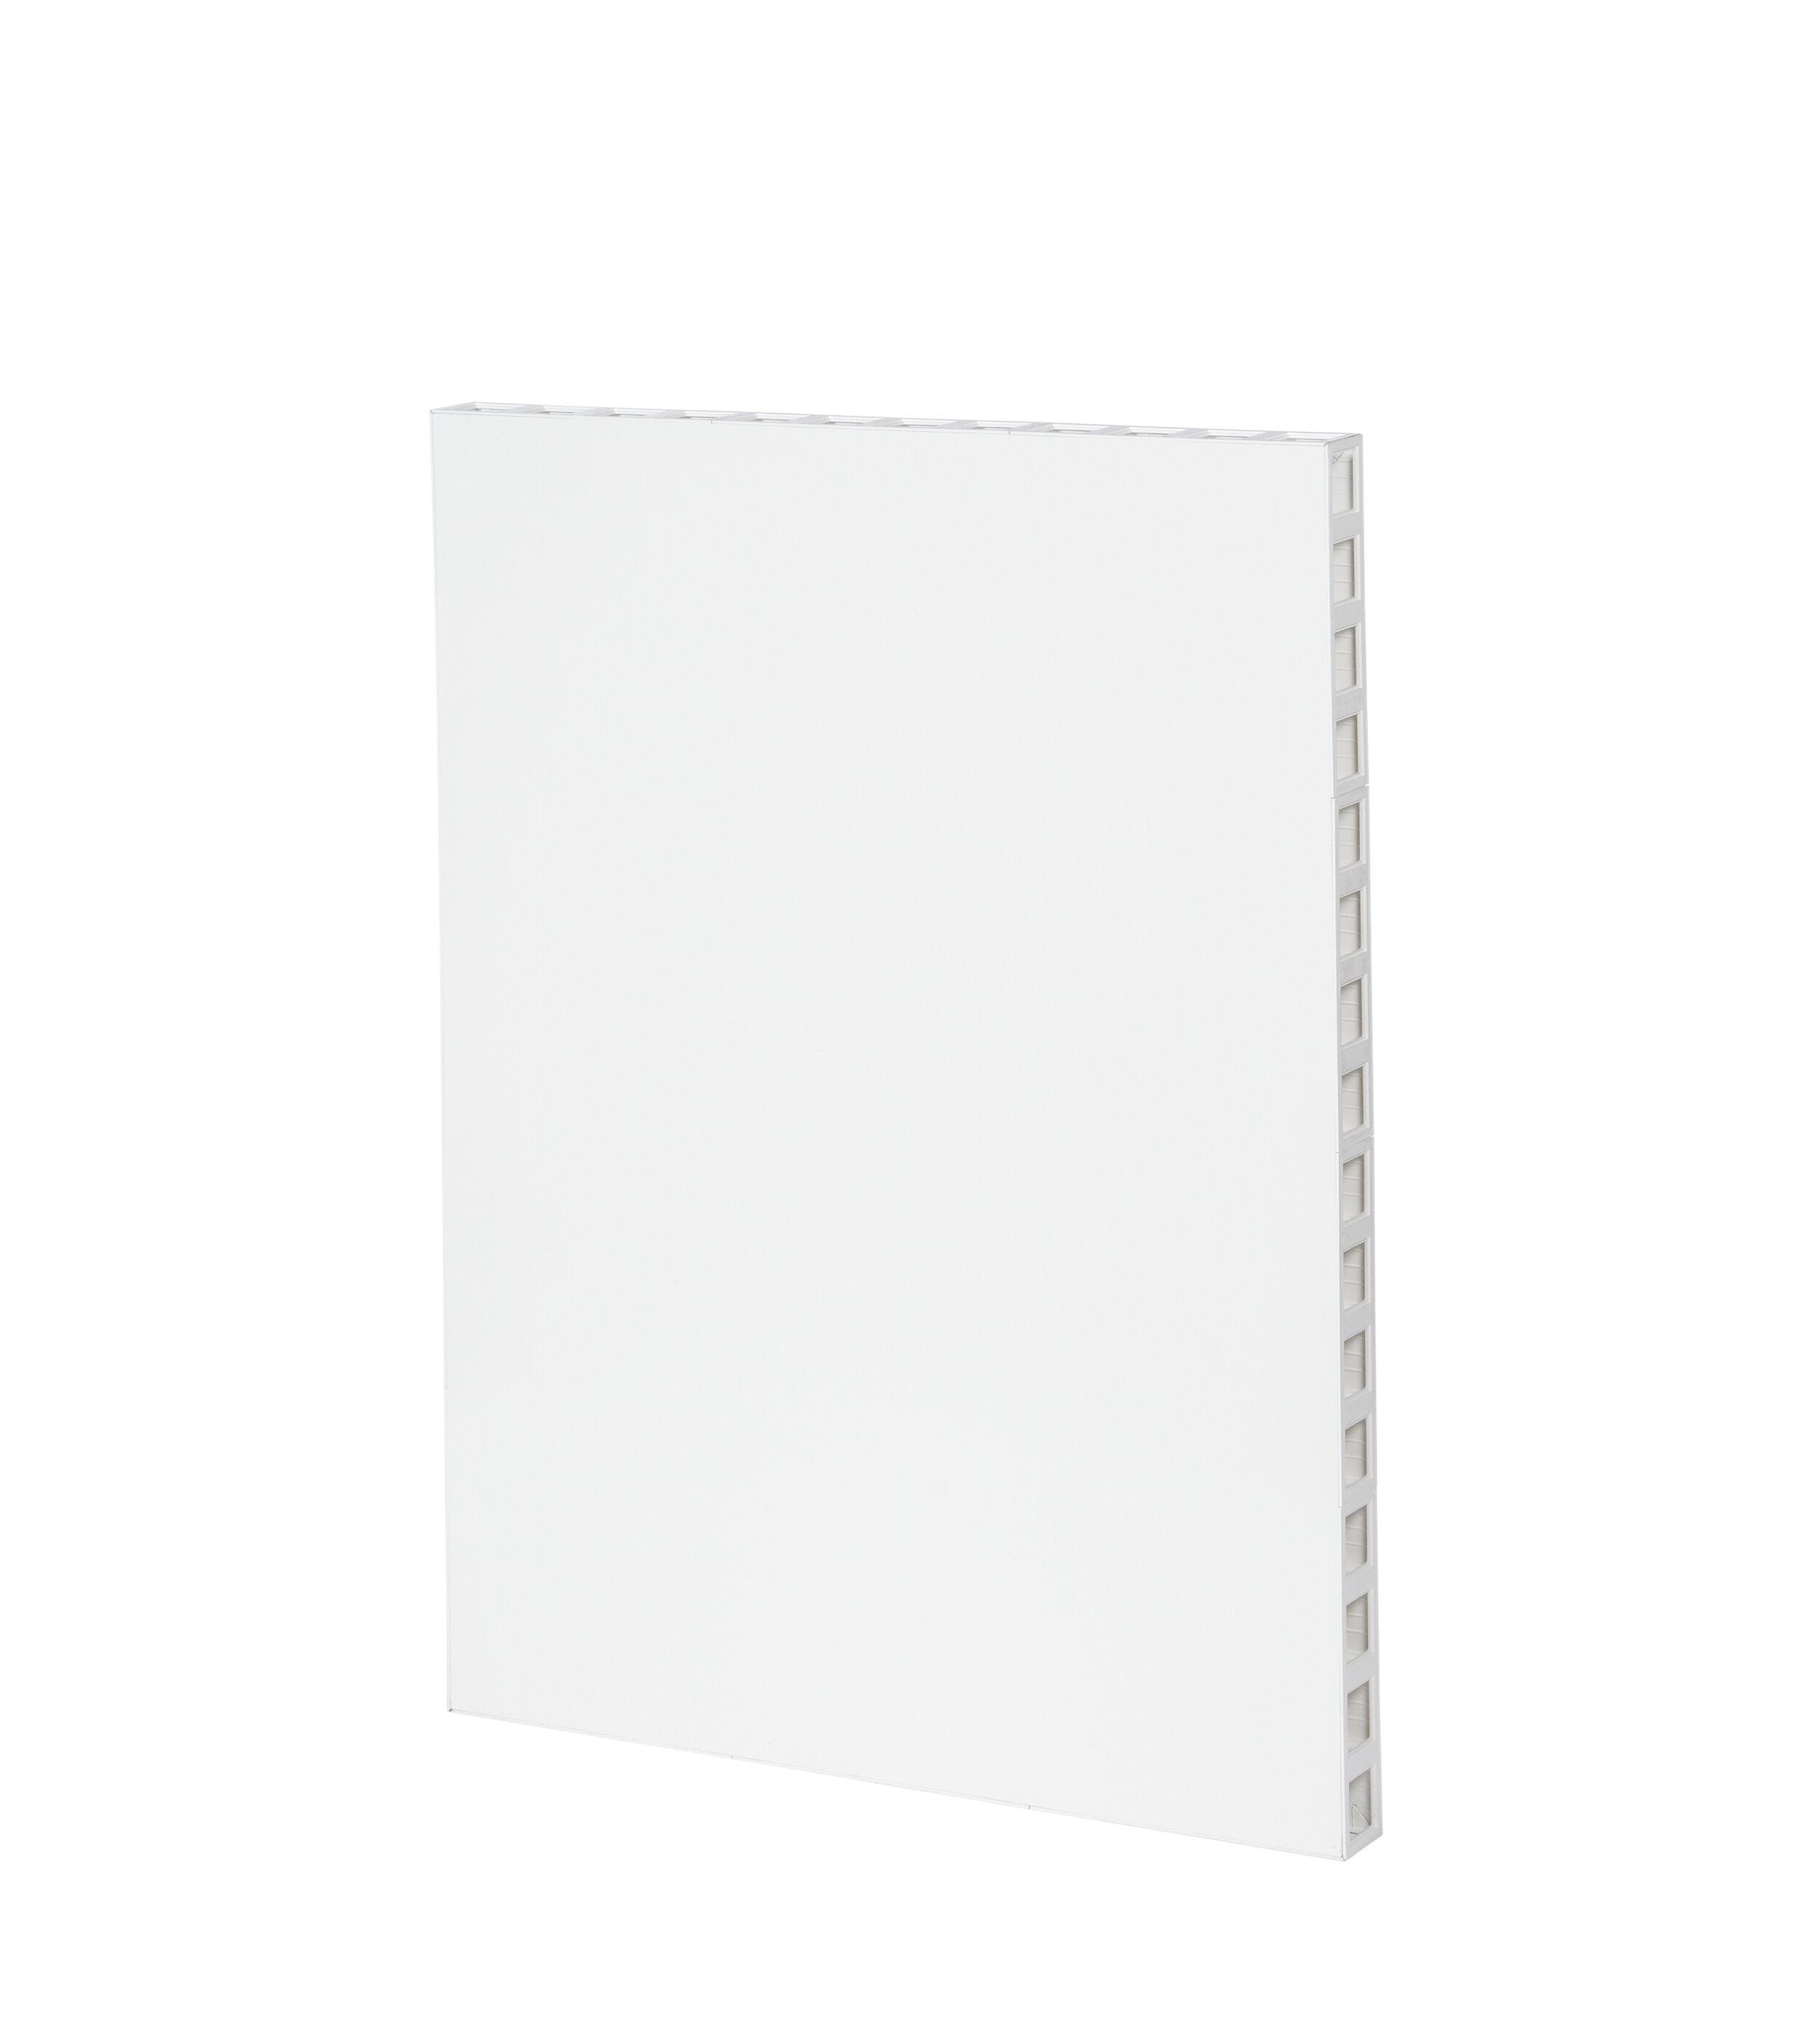 3x4 Panel